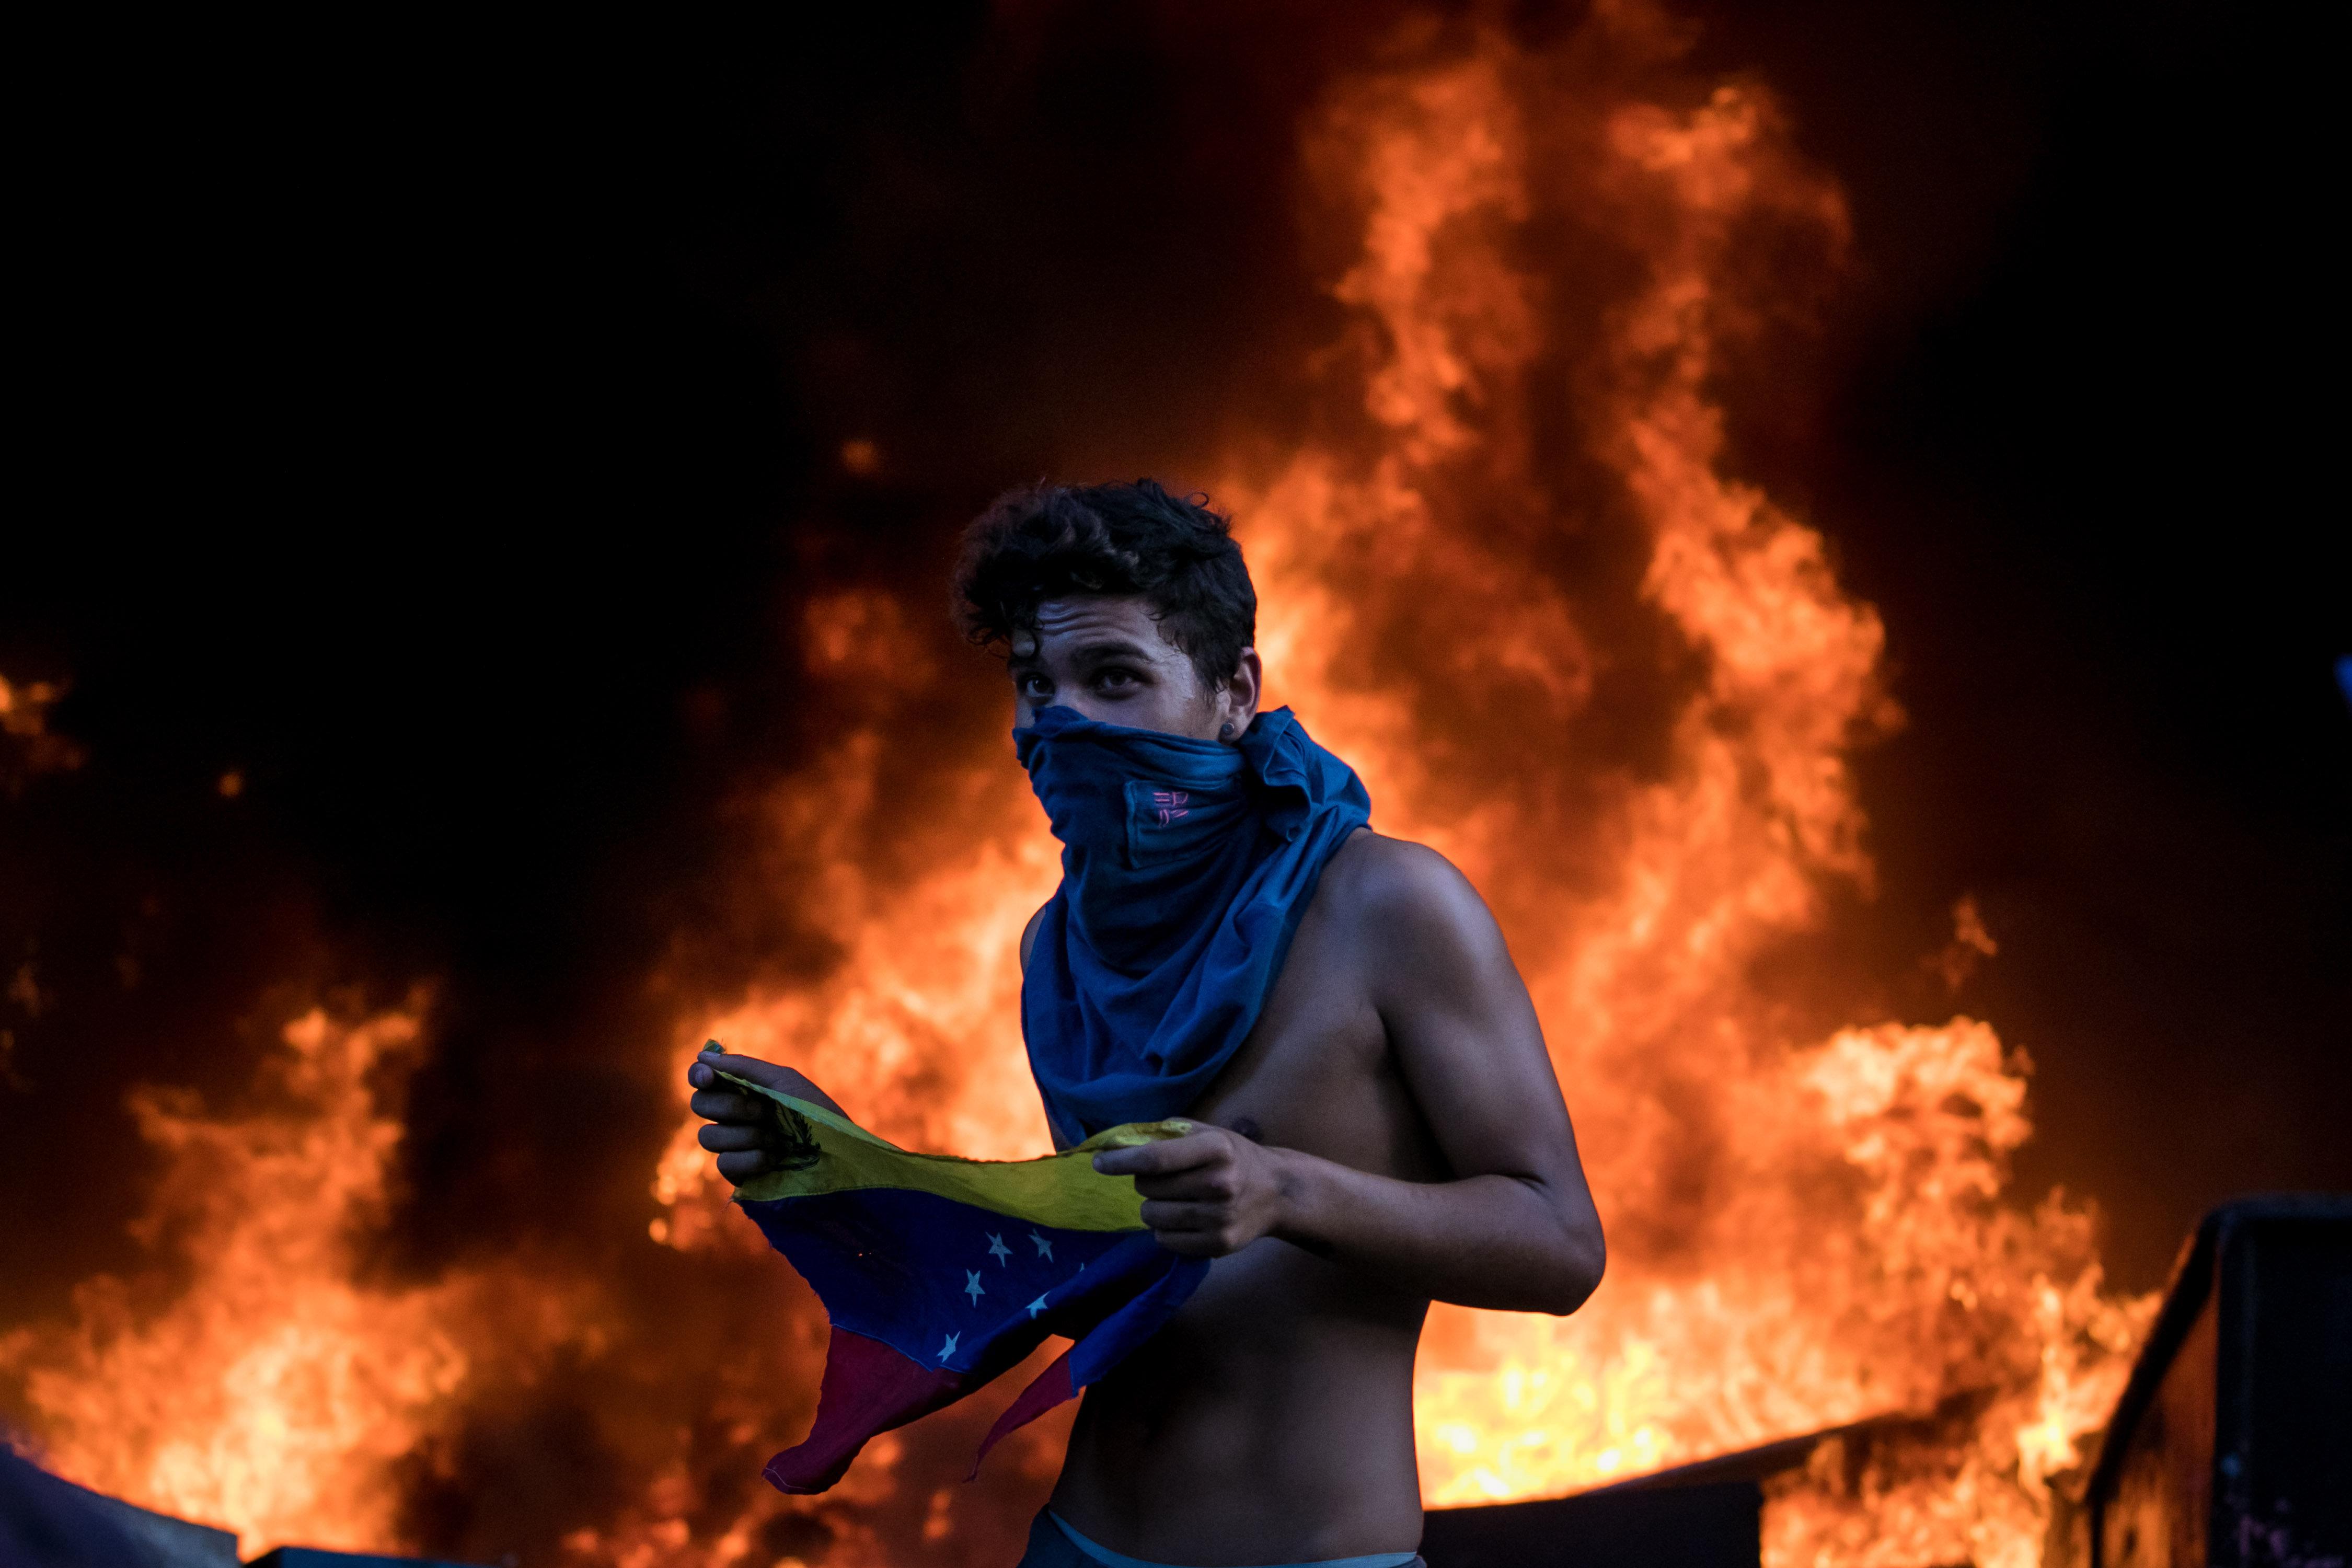 Un manifestant participa en una protesta a Caracas, Veneçuela. Els encaputxats han incendiat la Direcció executiva de la Magistratura del Tribunal Suprem de Veneçuela situada en Chacao, en l'est de Caracas./Miguel Gutiérrez